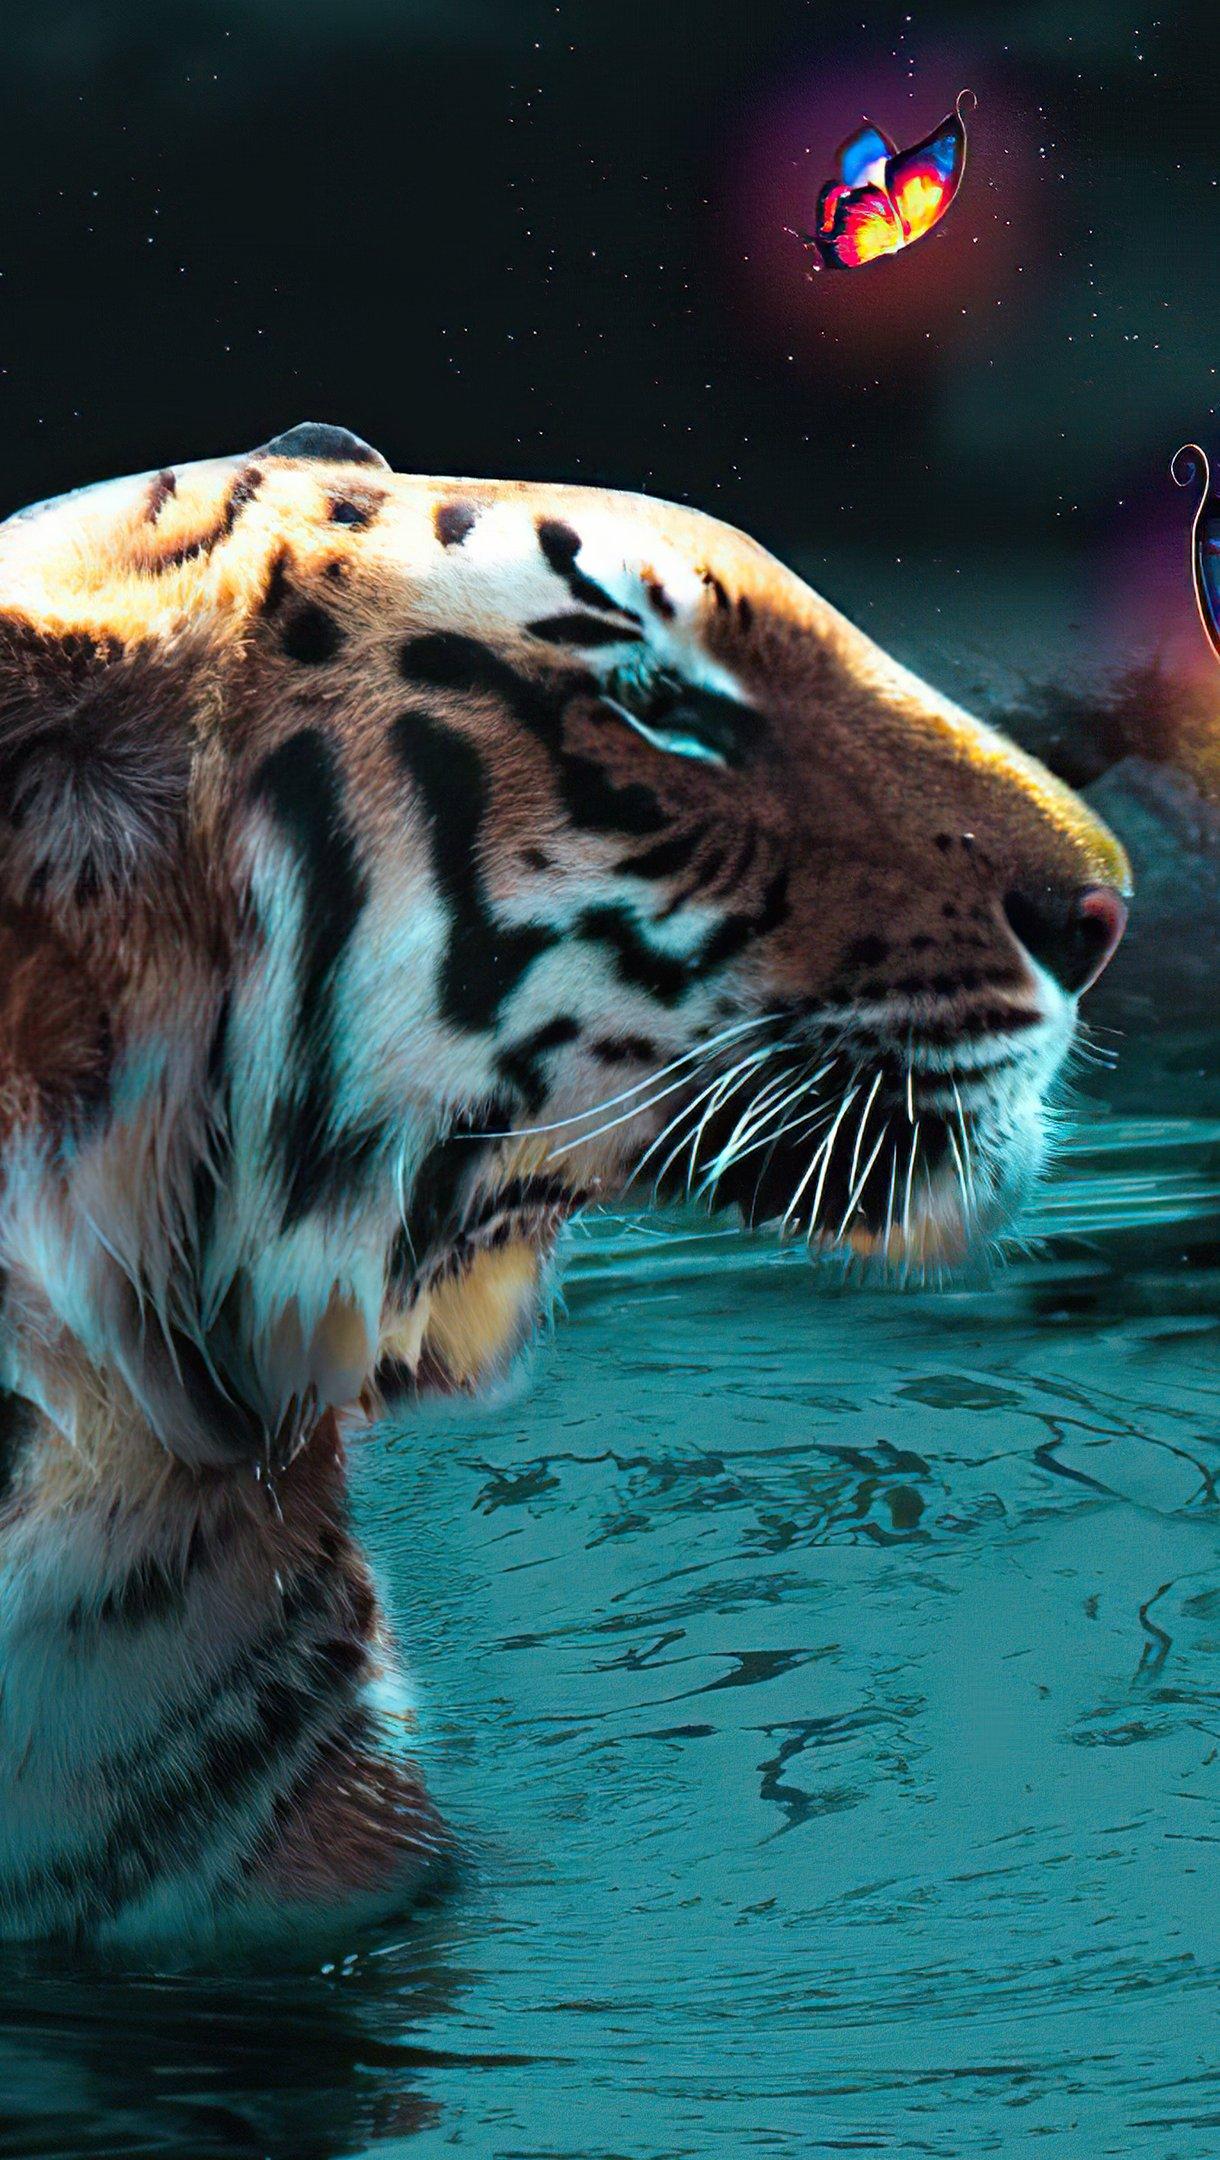 Fondos de pantalla Tigre con mariposas Vertical